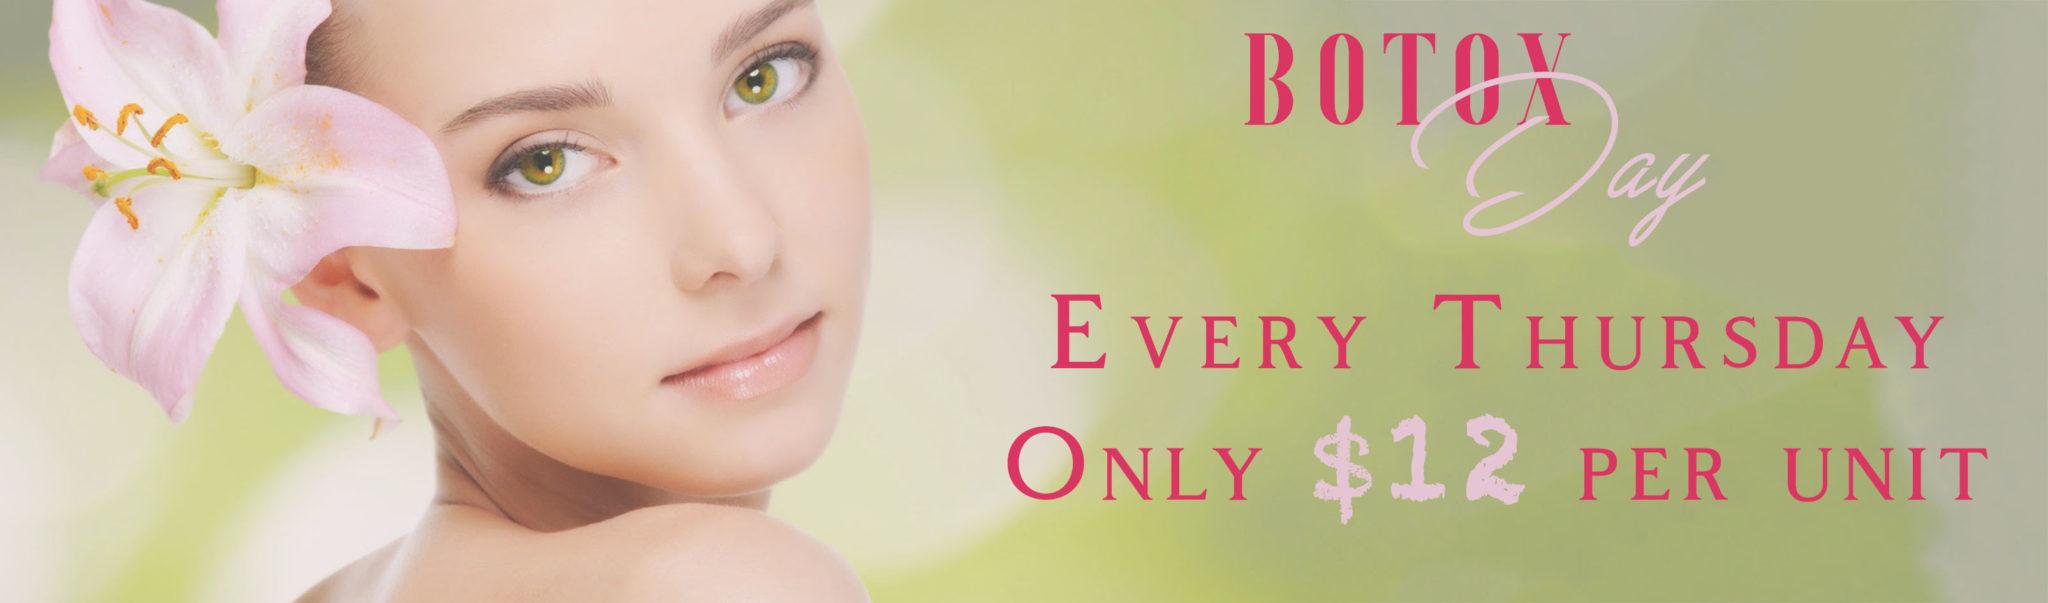 Botox spring deal